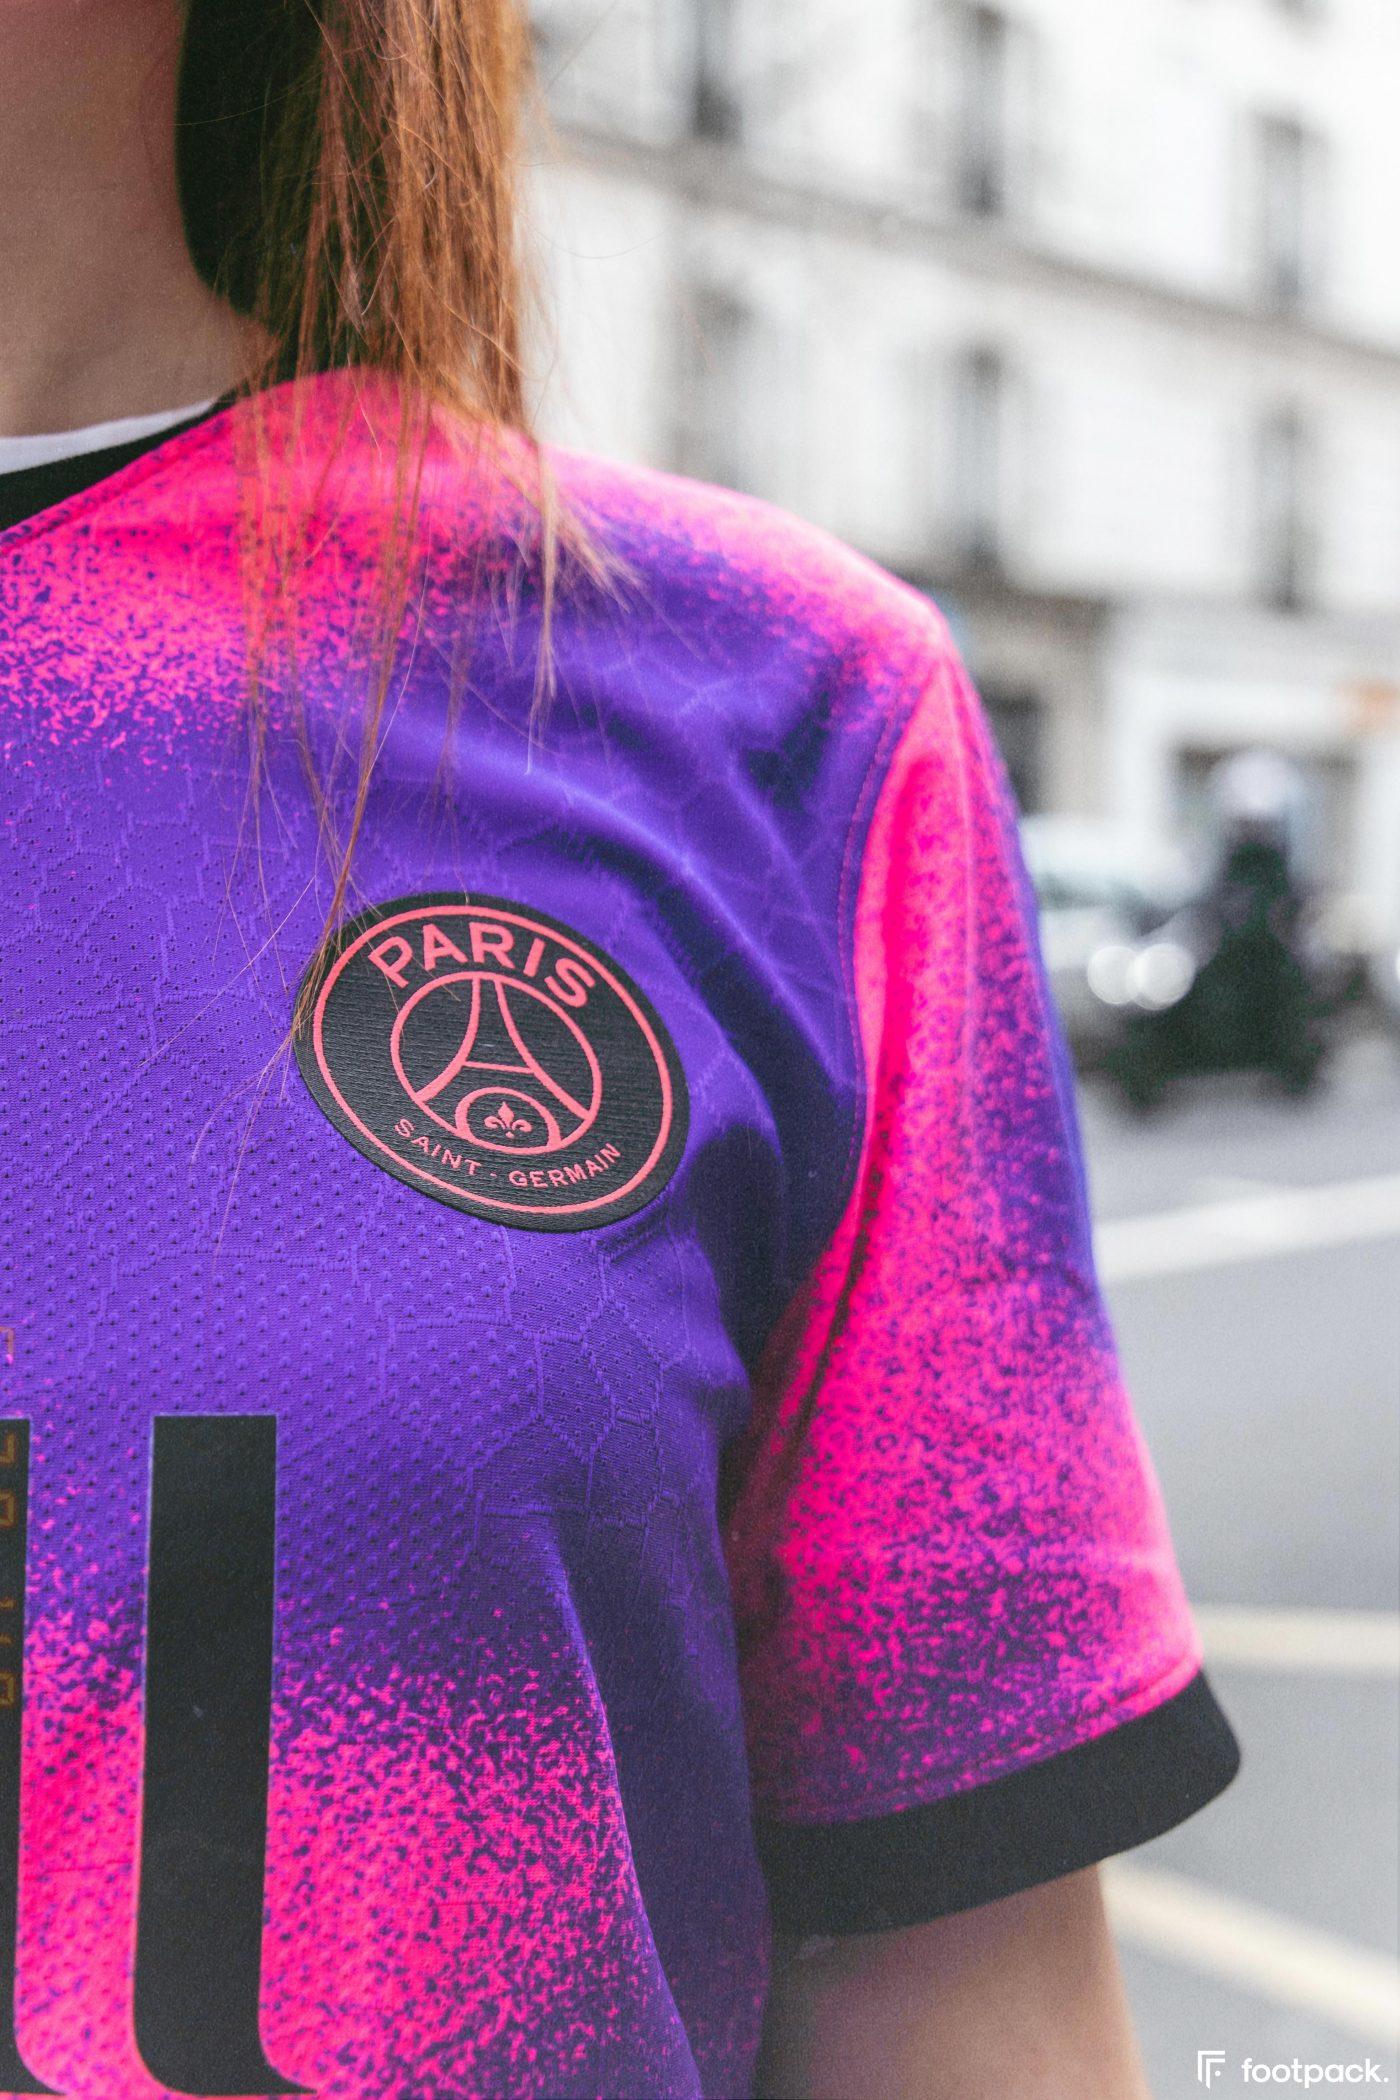 maillot-psg-jordan-rose-violet-2021-footpack-19